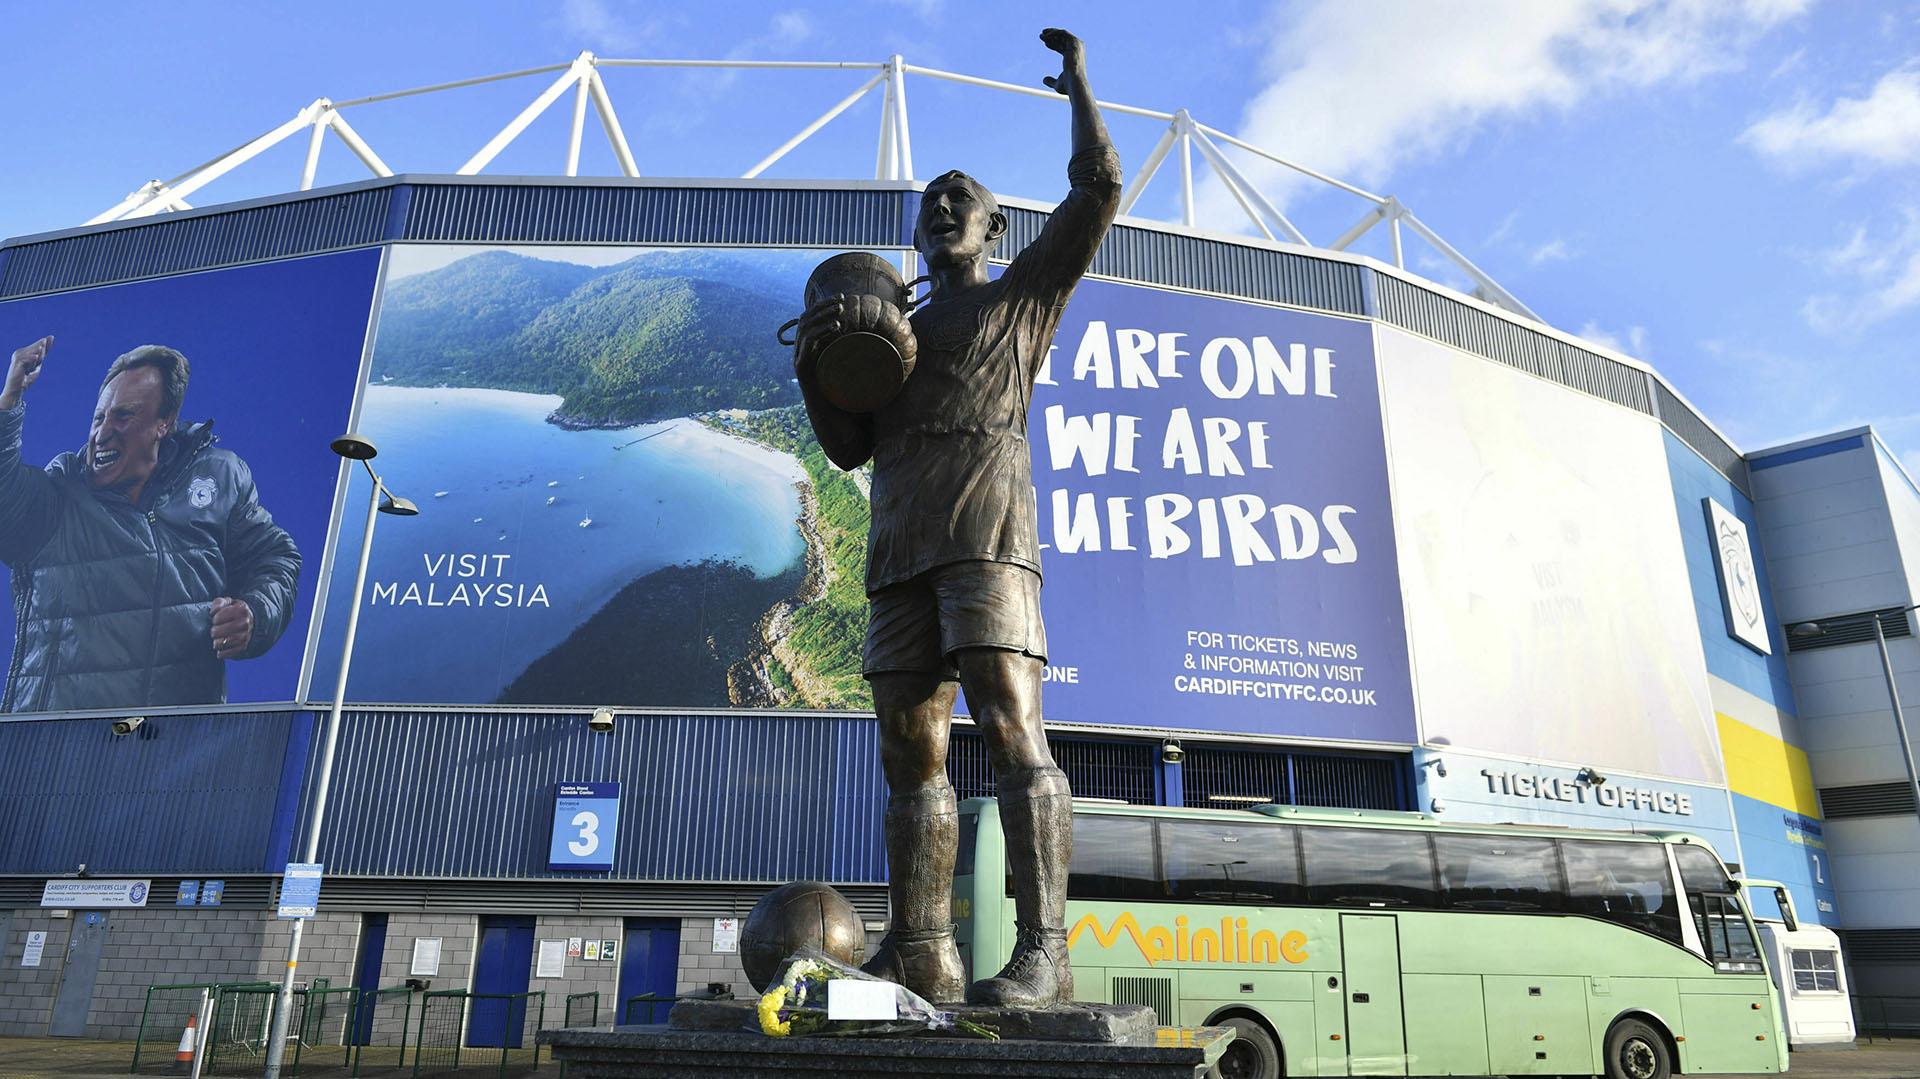 También hubo ofrendas en la puerta del estadio del Cardiff City